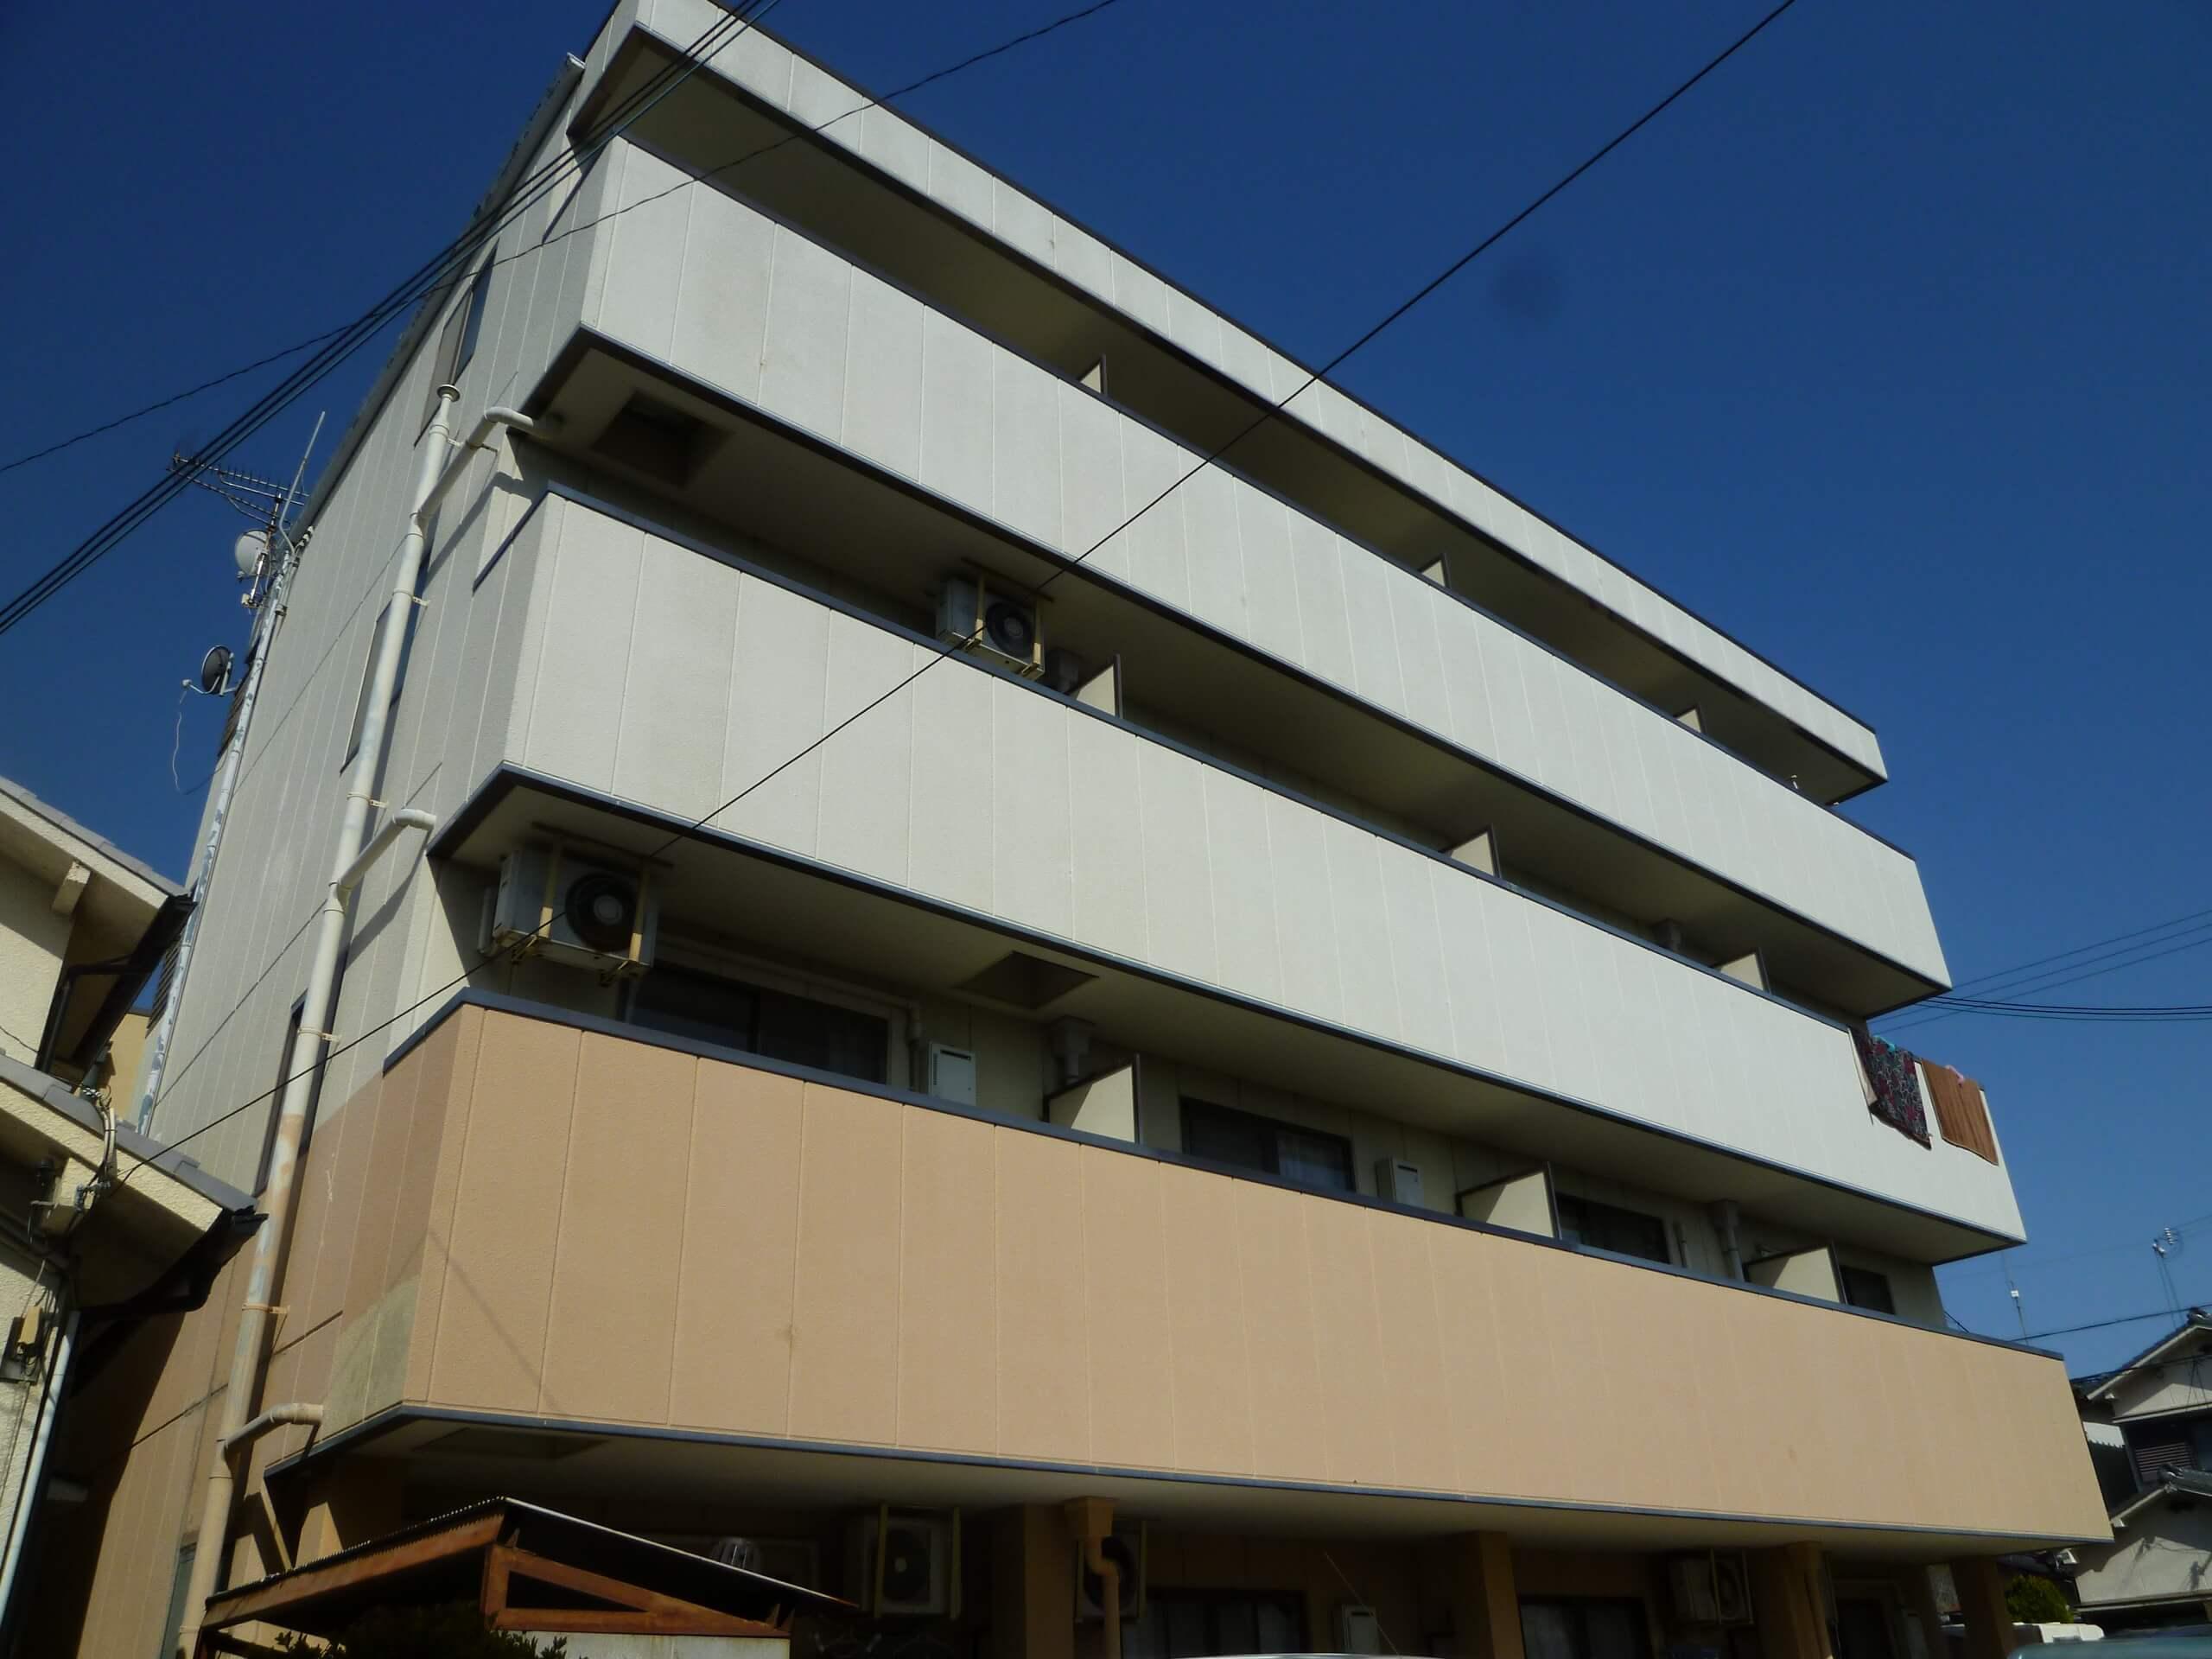 【和歌山市Sマンション】外壁塗装工事【フッ素プラン】before